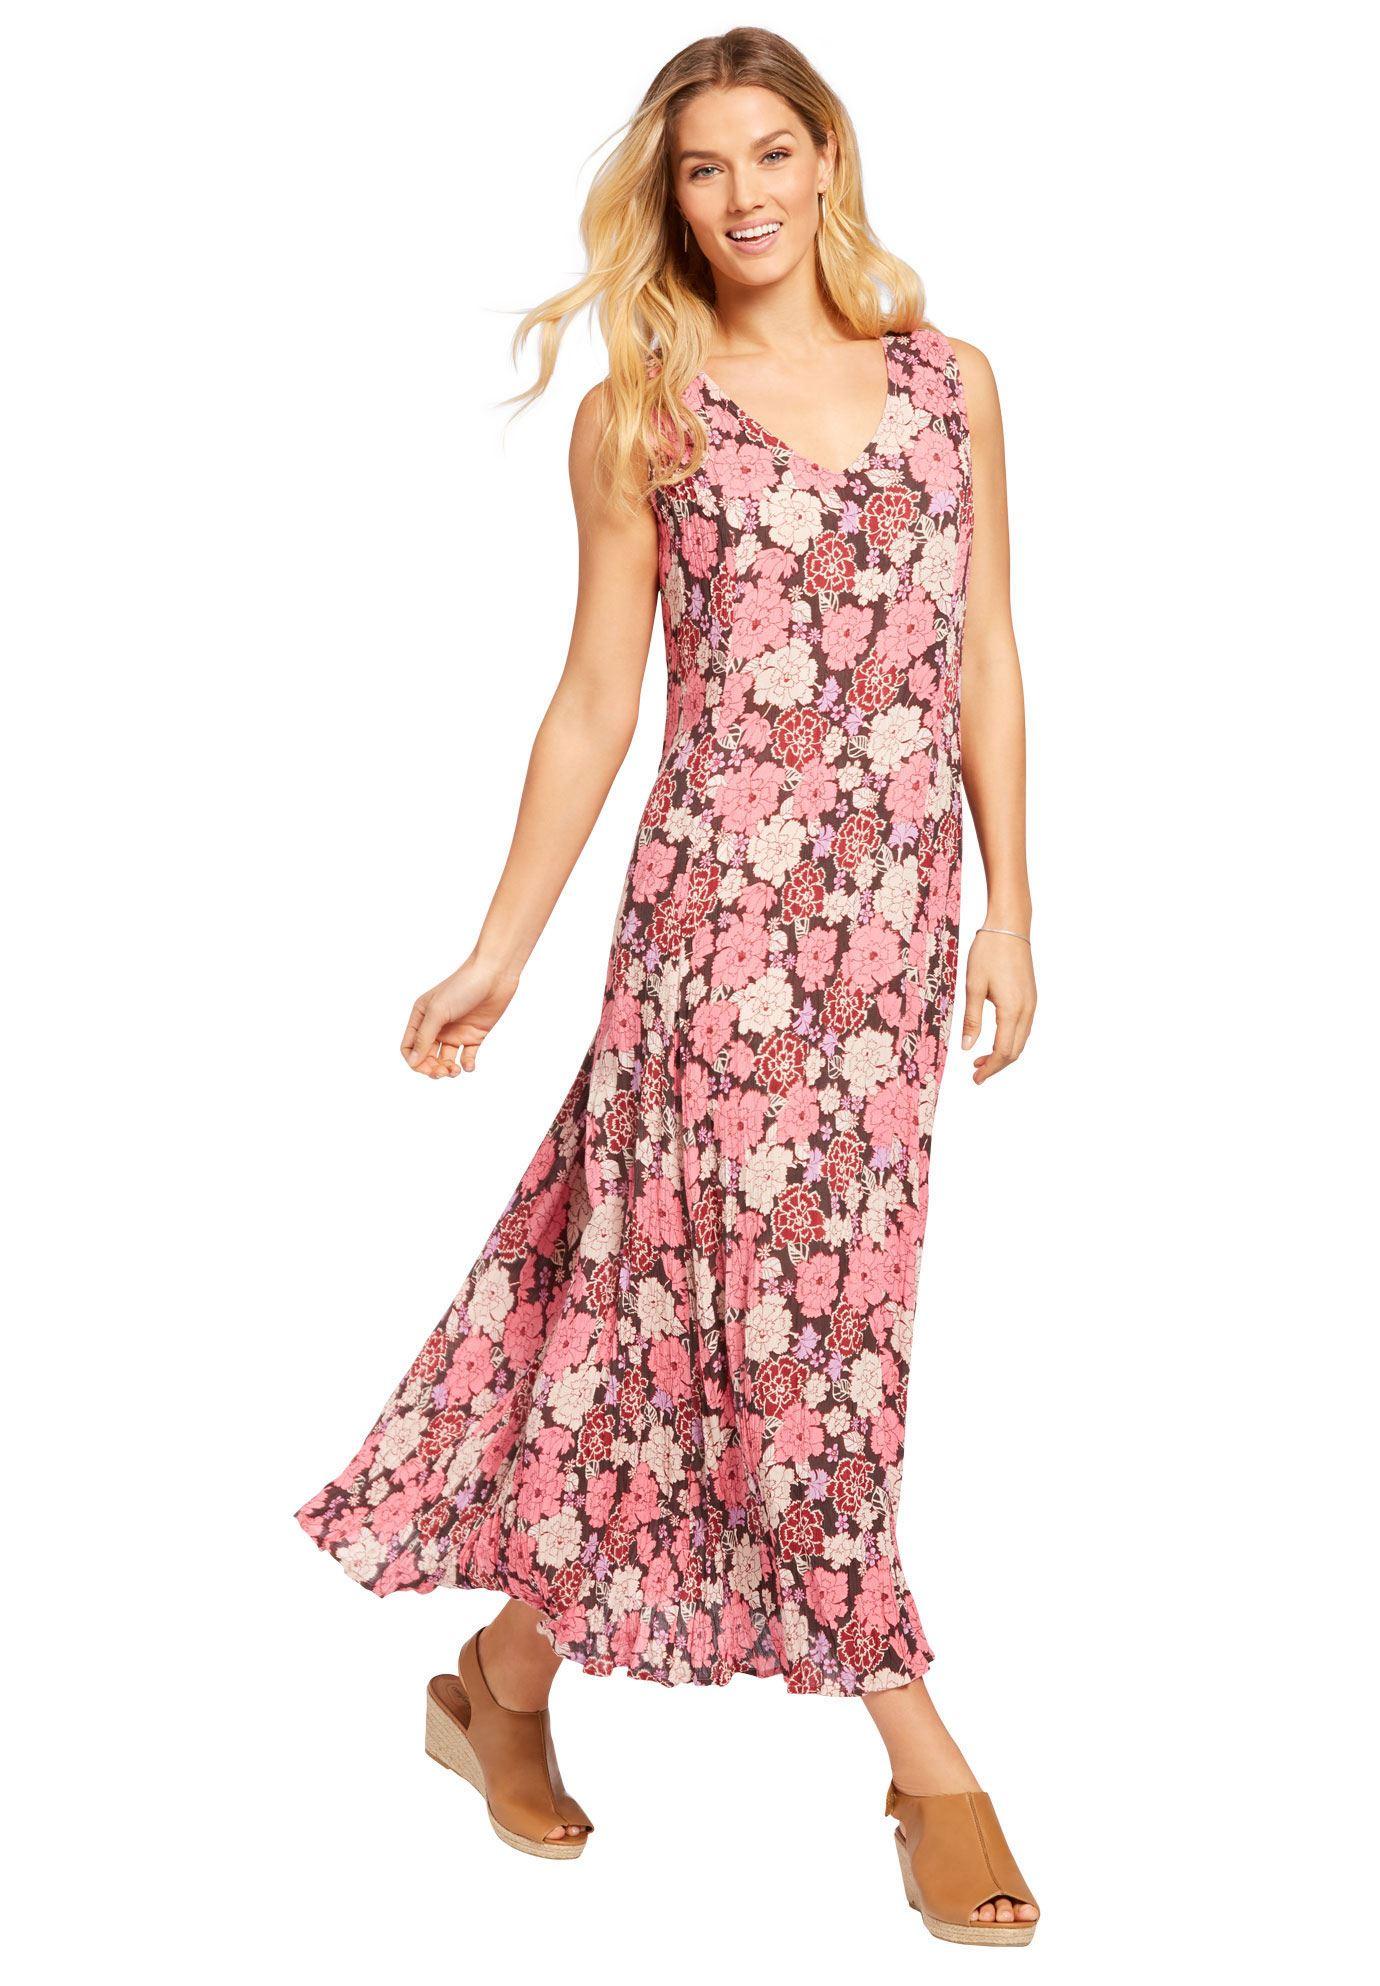 Sleeveless Crinkle Dress - Women\'s Plus Size Clothing